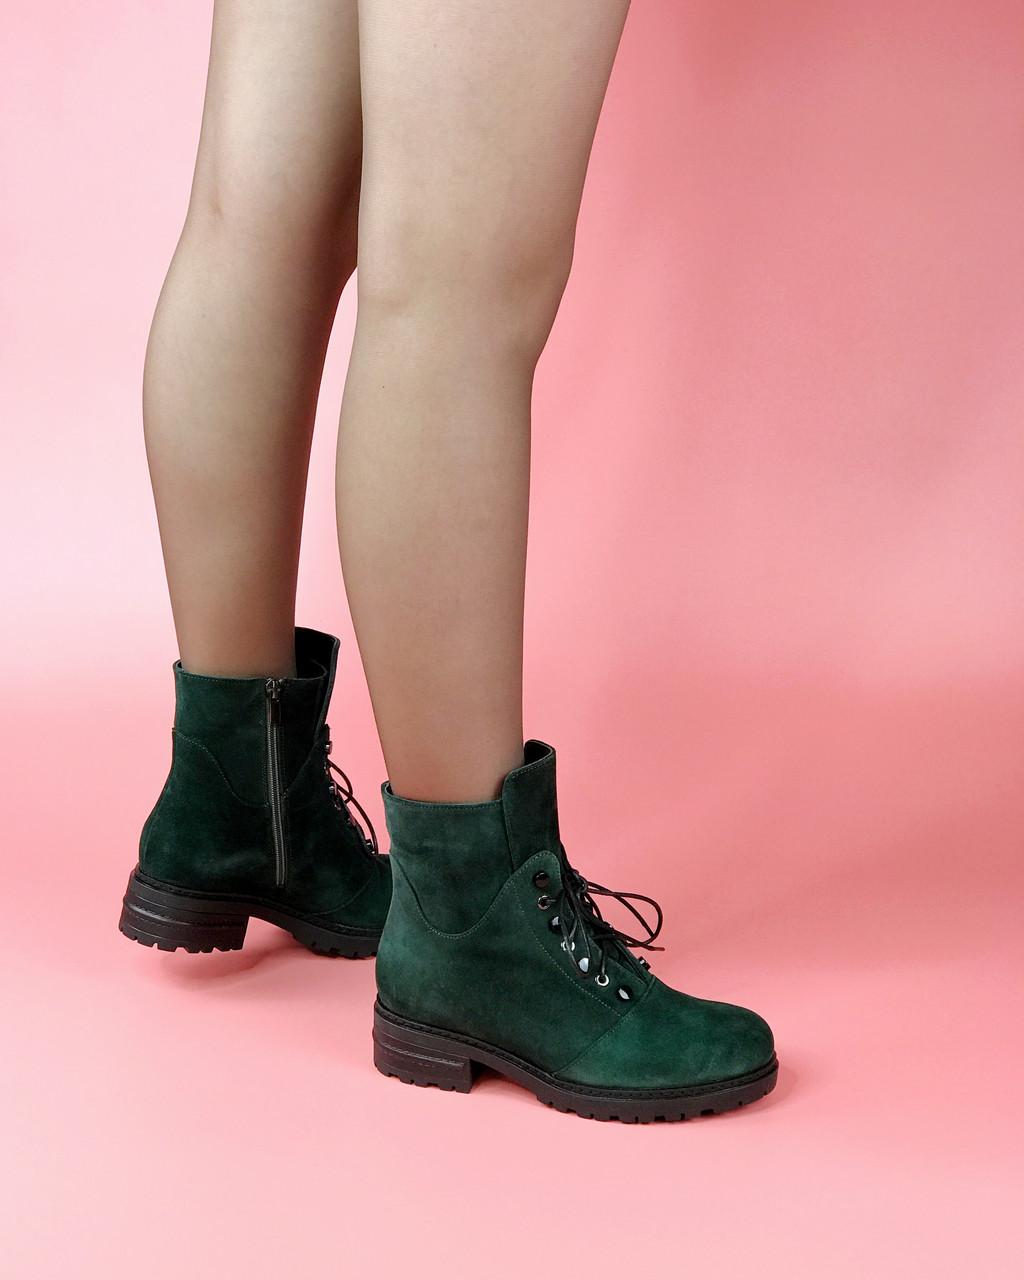 Ботинки женские замшевые зеленые с имитацией шнуровки MORENTO зимние